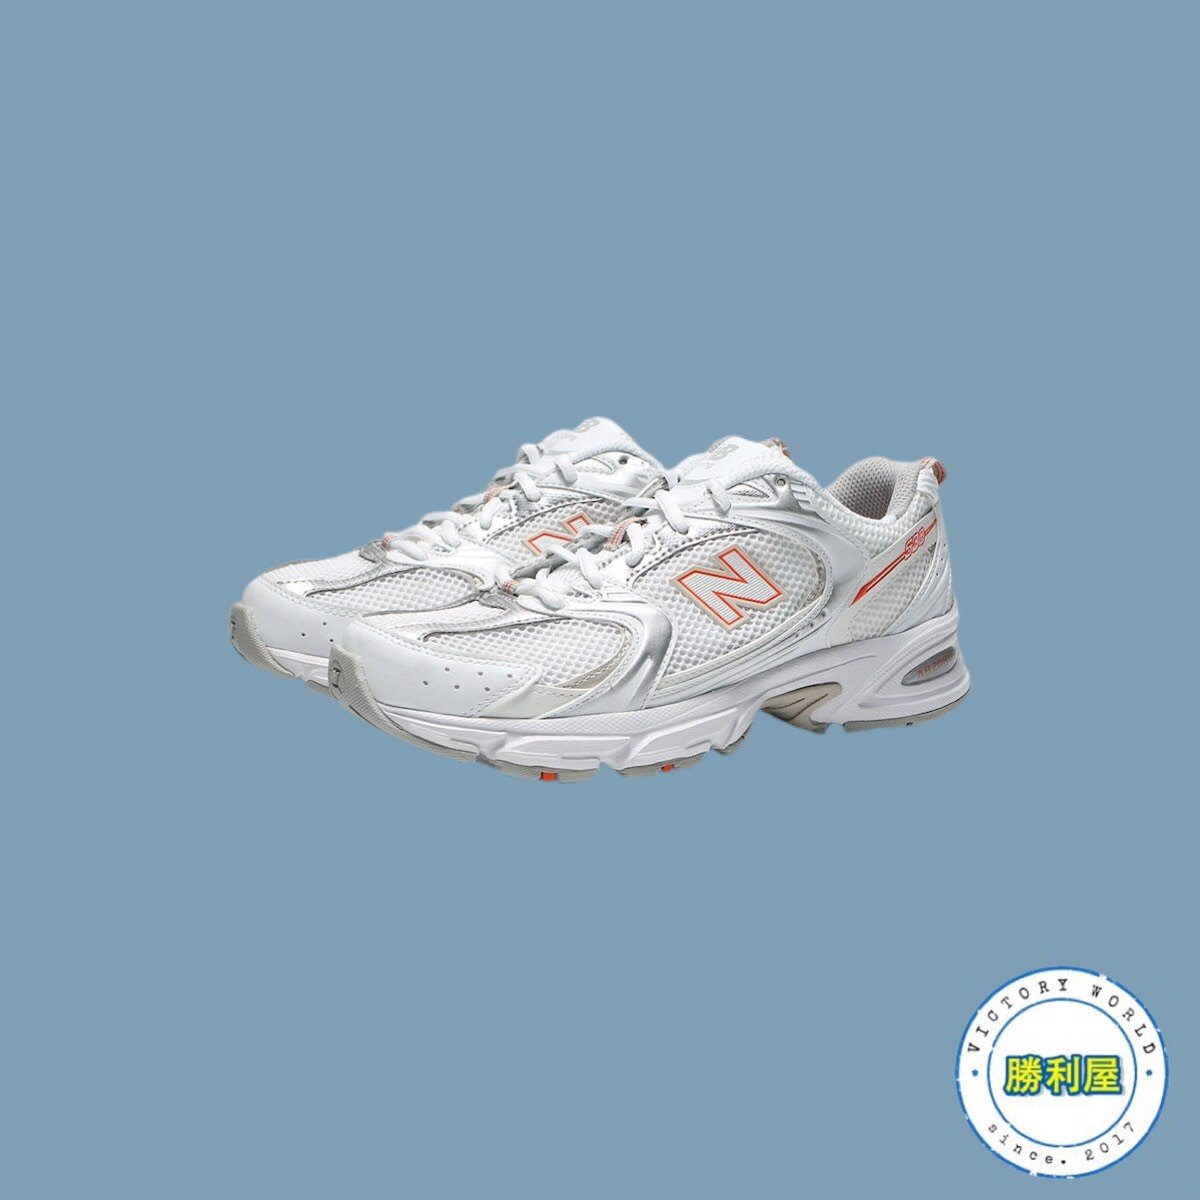 【滿額↘現折$200】【NEW BALANCE】NB 530 女鞋 休閒鞋 復古鞋 白橘 螢光橘 復古 經典 熱門款 MR530AC【勝利屋】